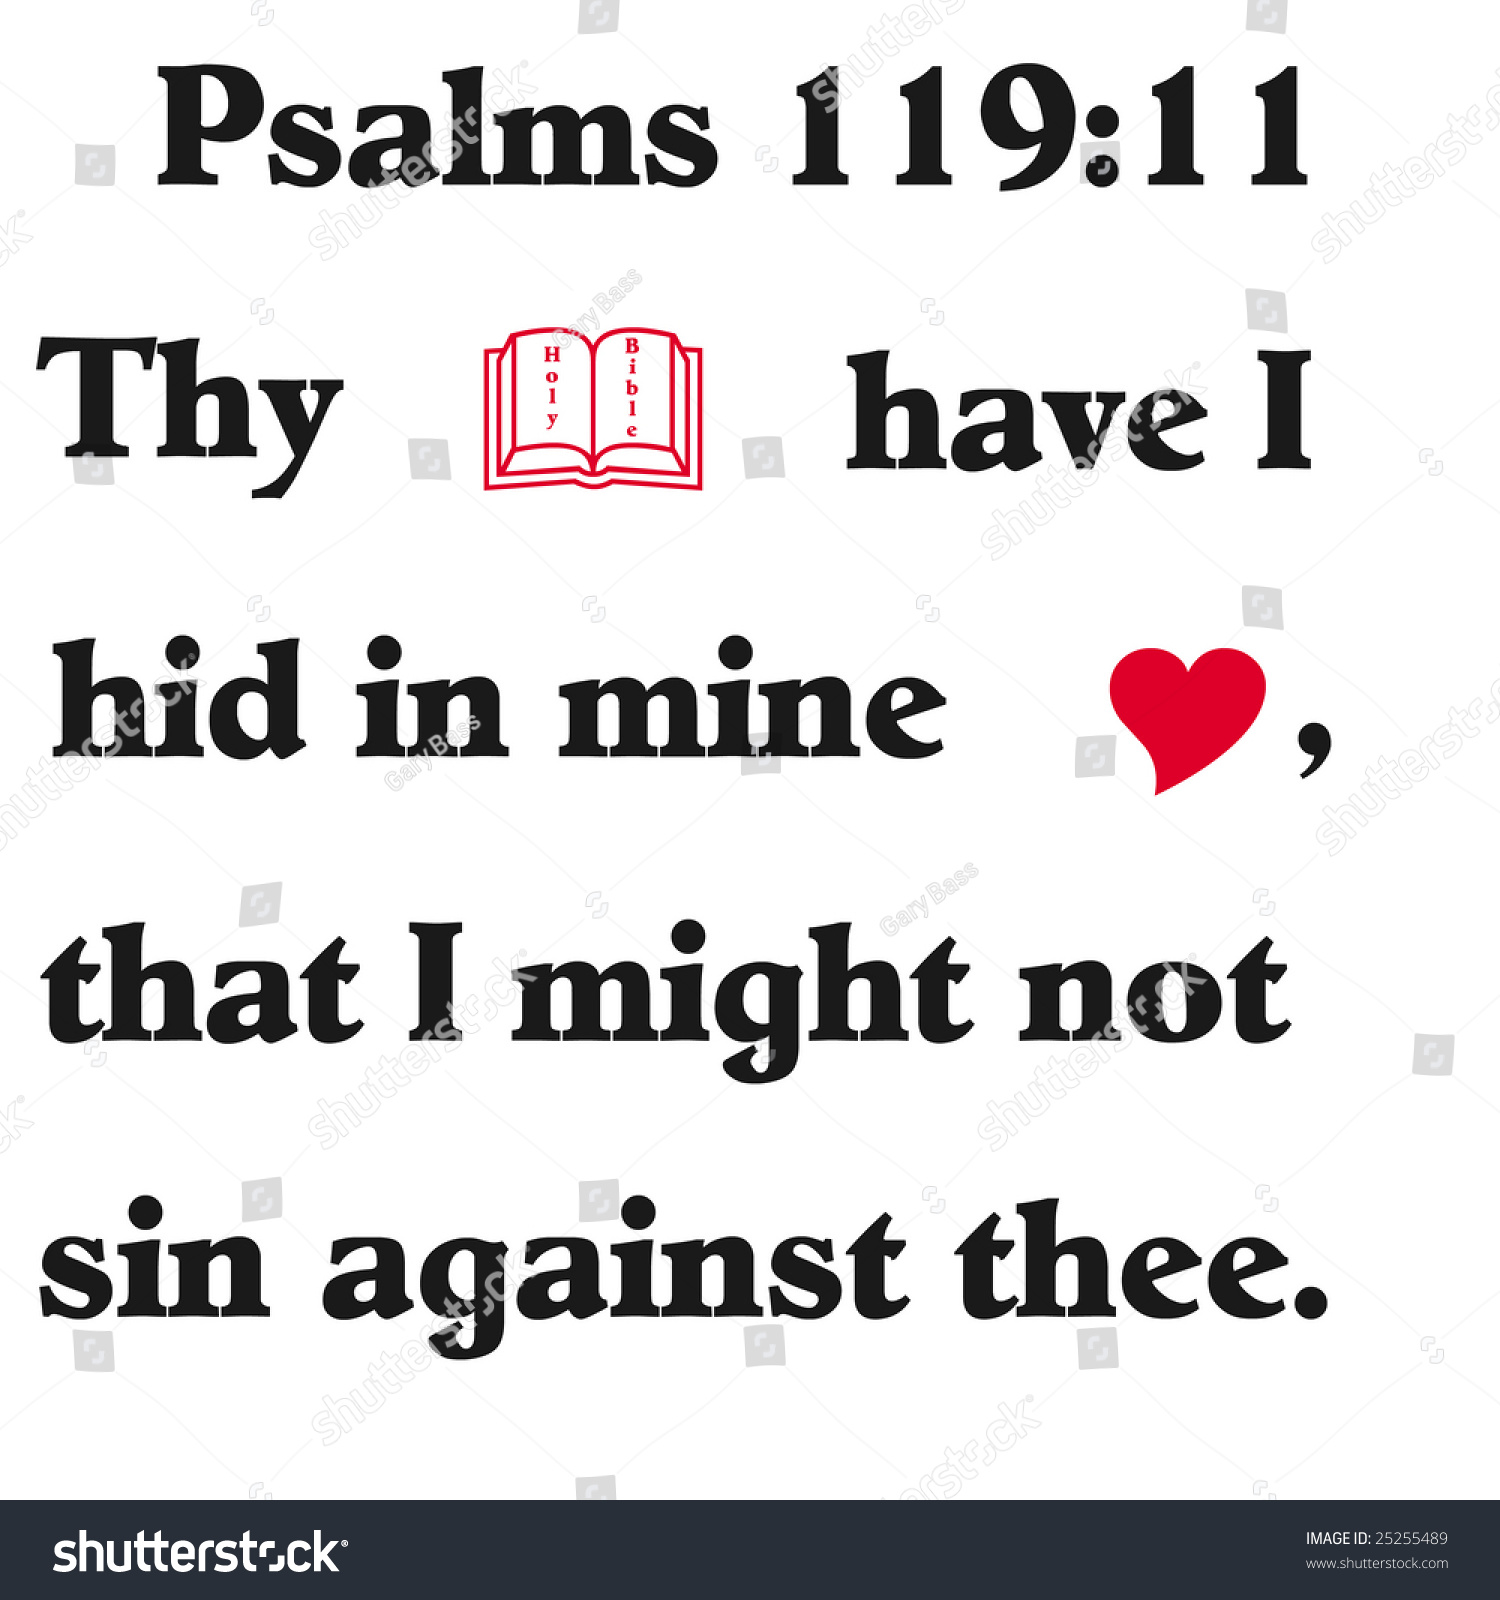 Bible verse symbols on white background stock illustration bible verse with symbols on white background buycottarizona Images